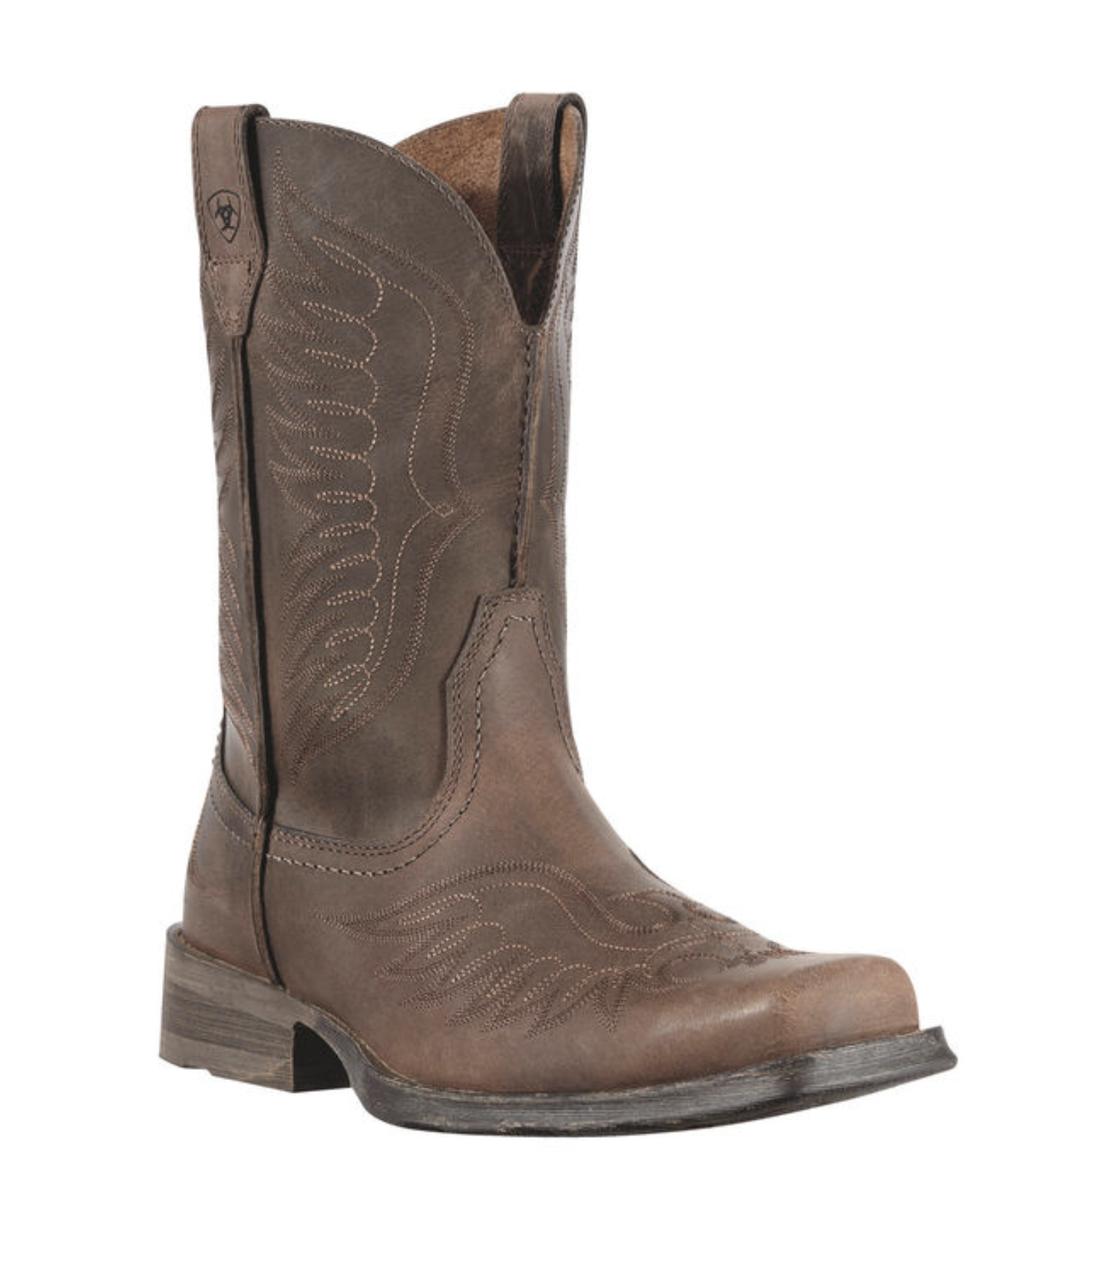 bde912bb0e0 Ariat Rambler Phoenix Western Boot